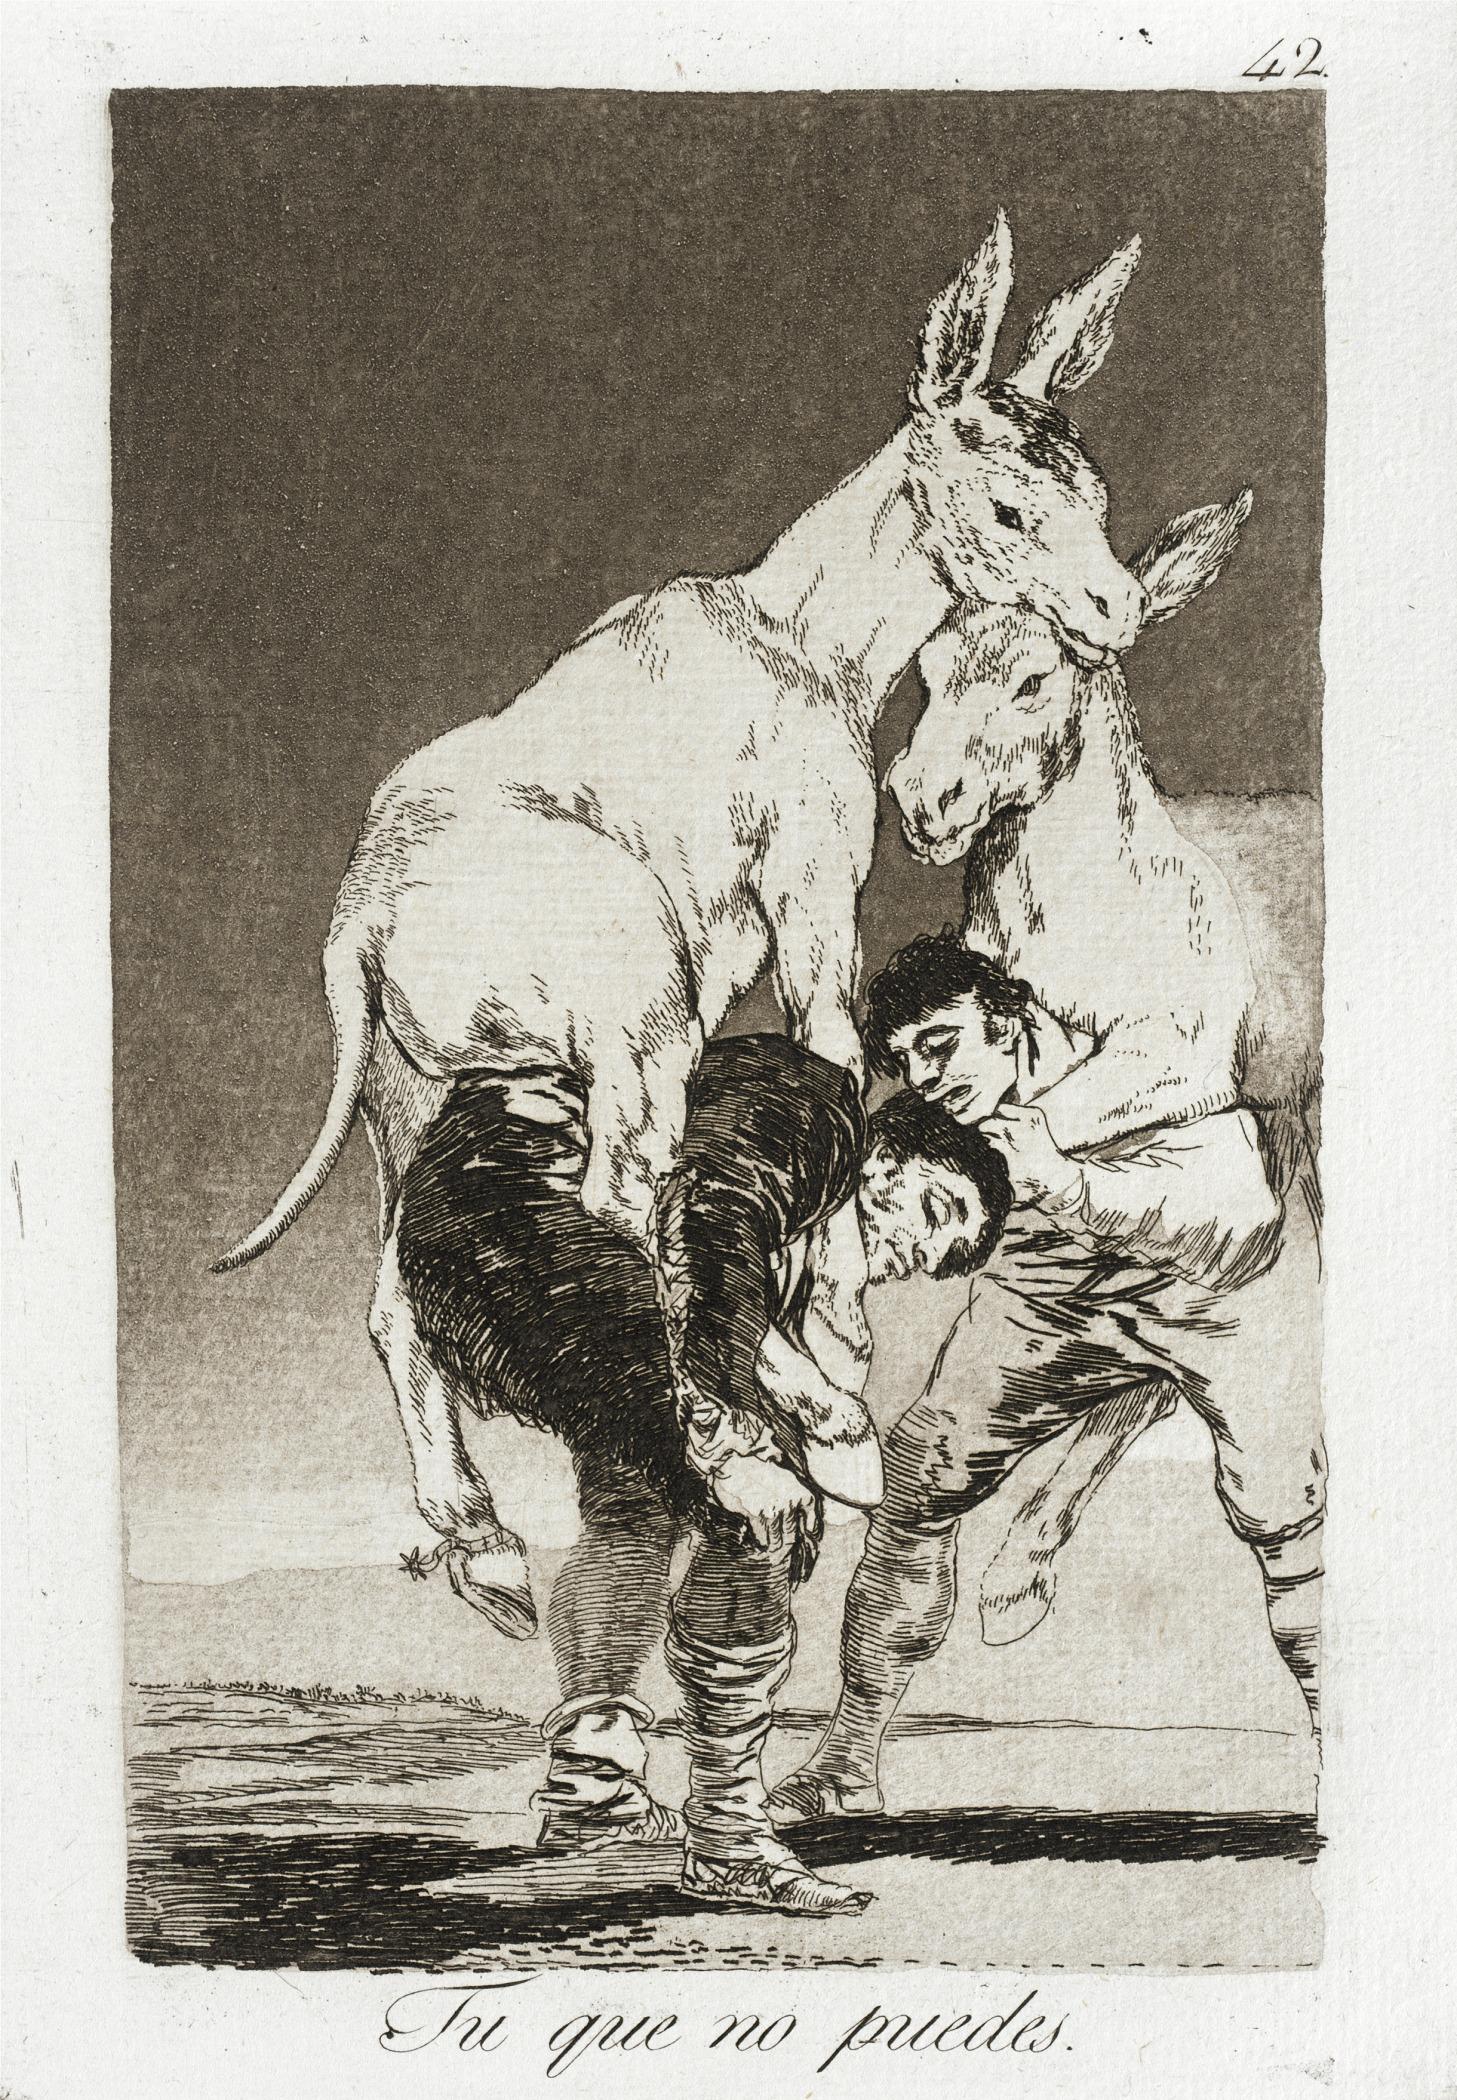 Fancisco de Goya. Tu que no puedes. 1799.